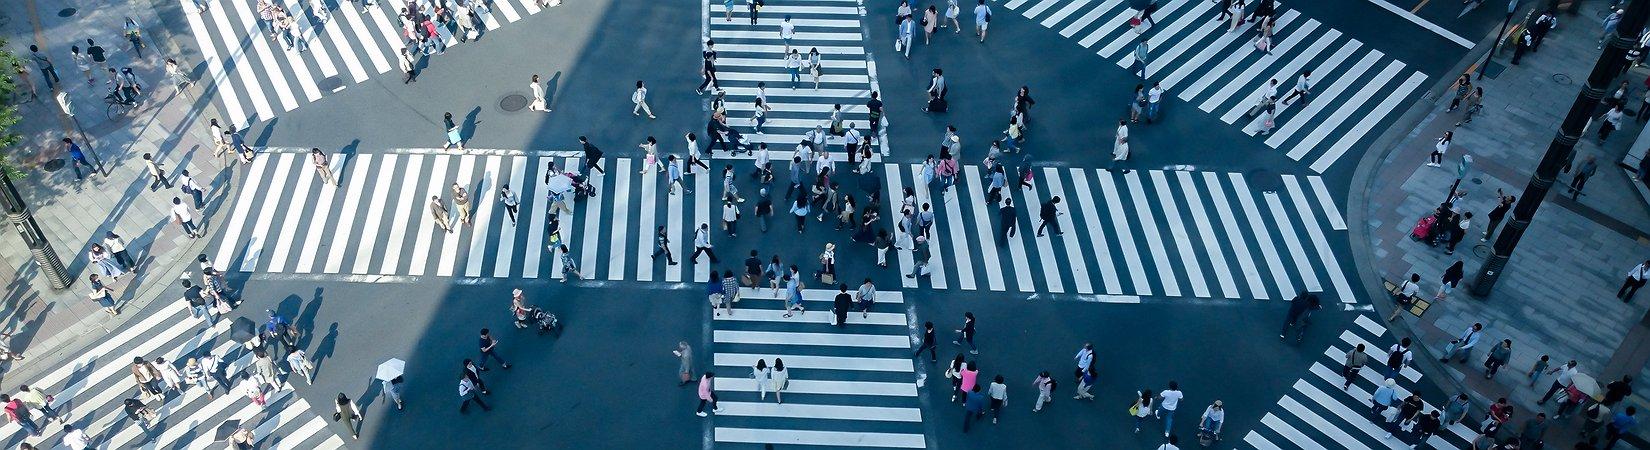 O futuro reside nas cidades, não nos países